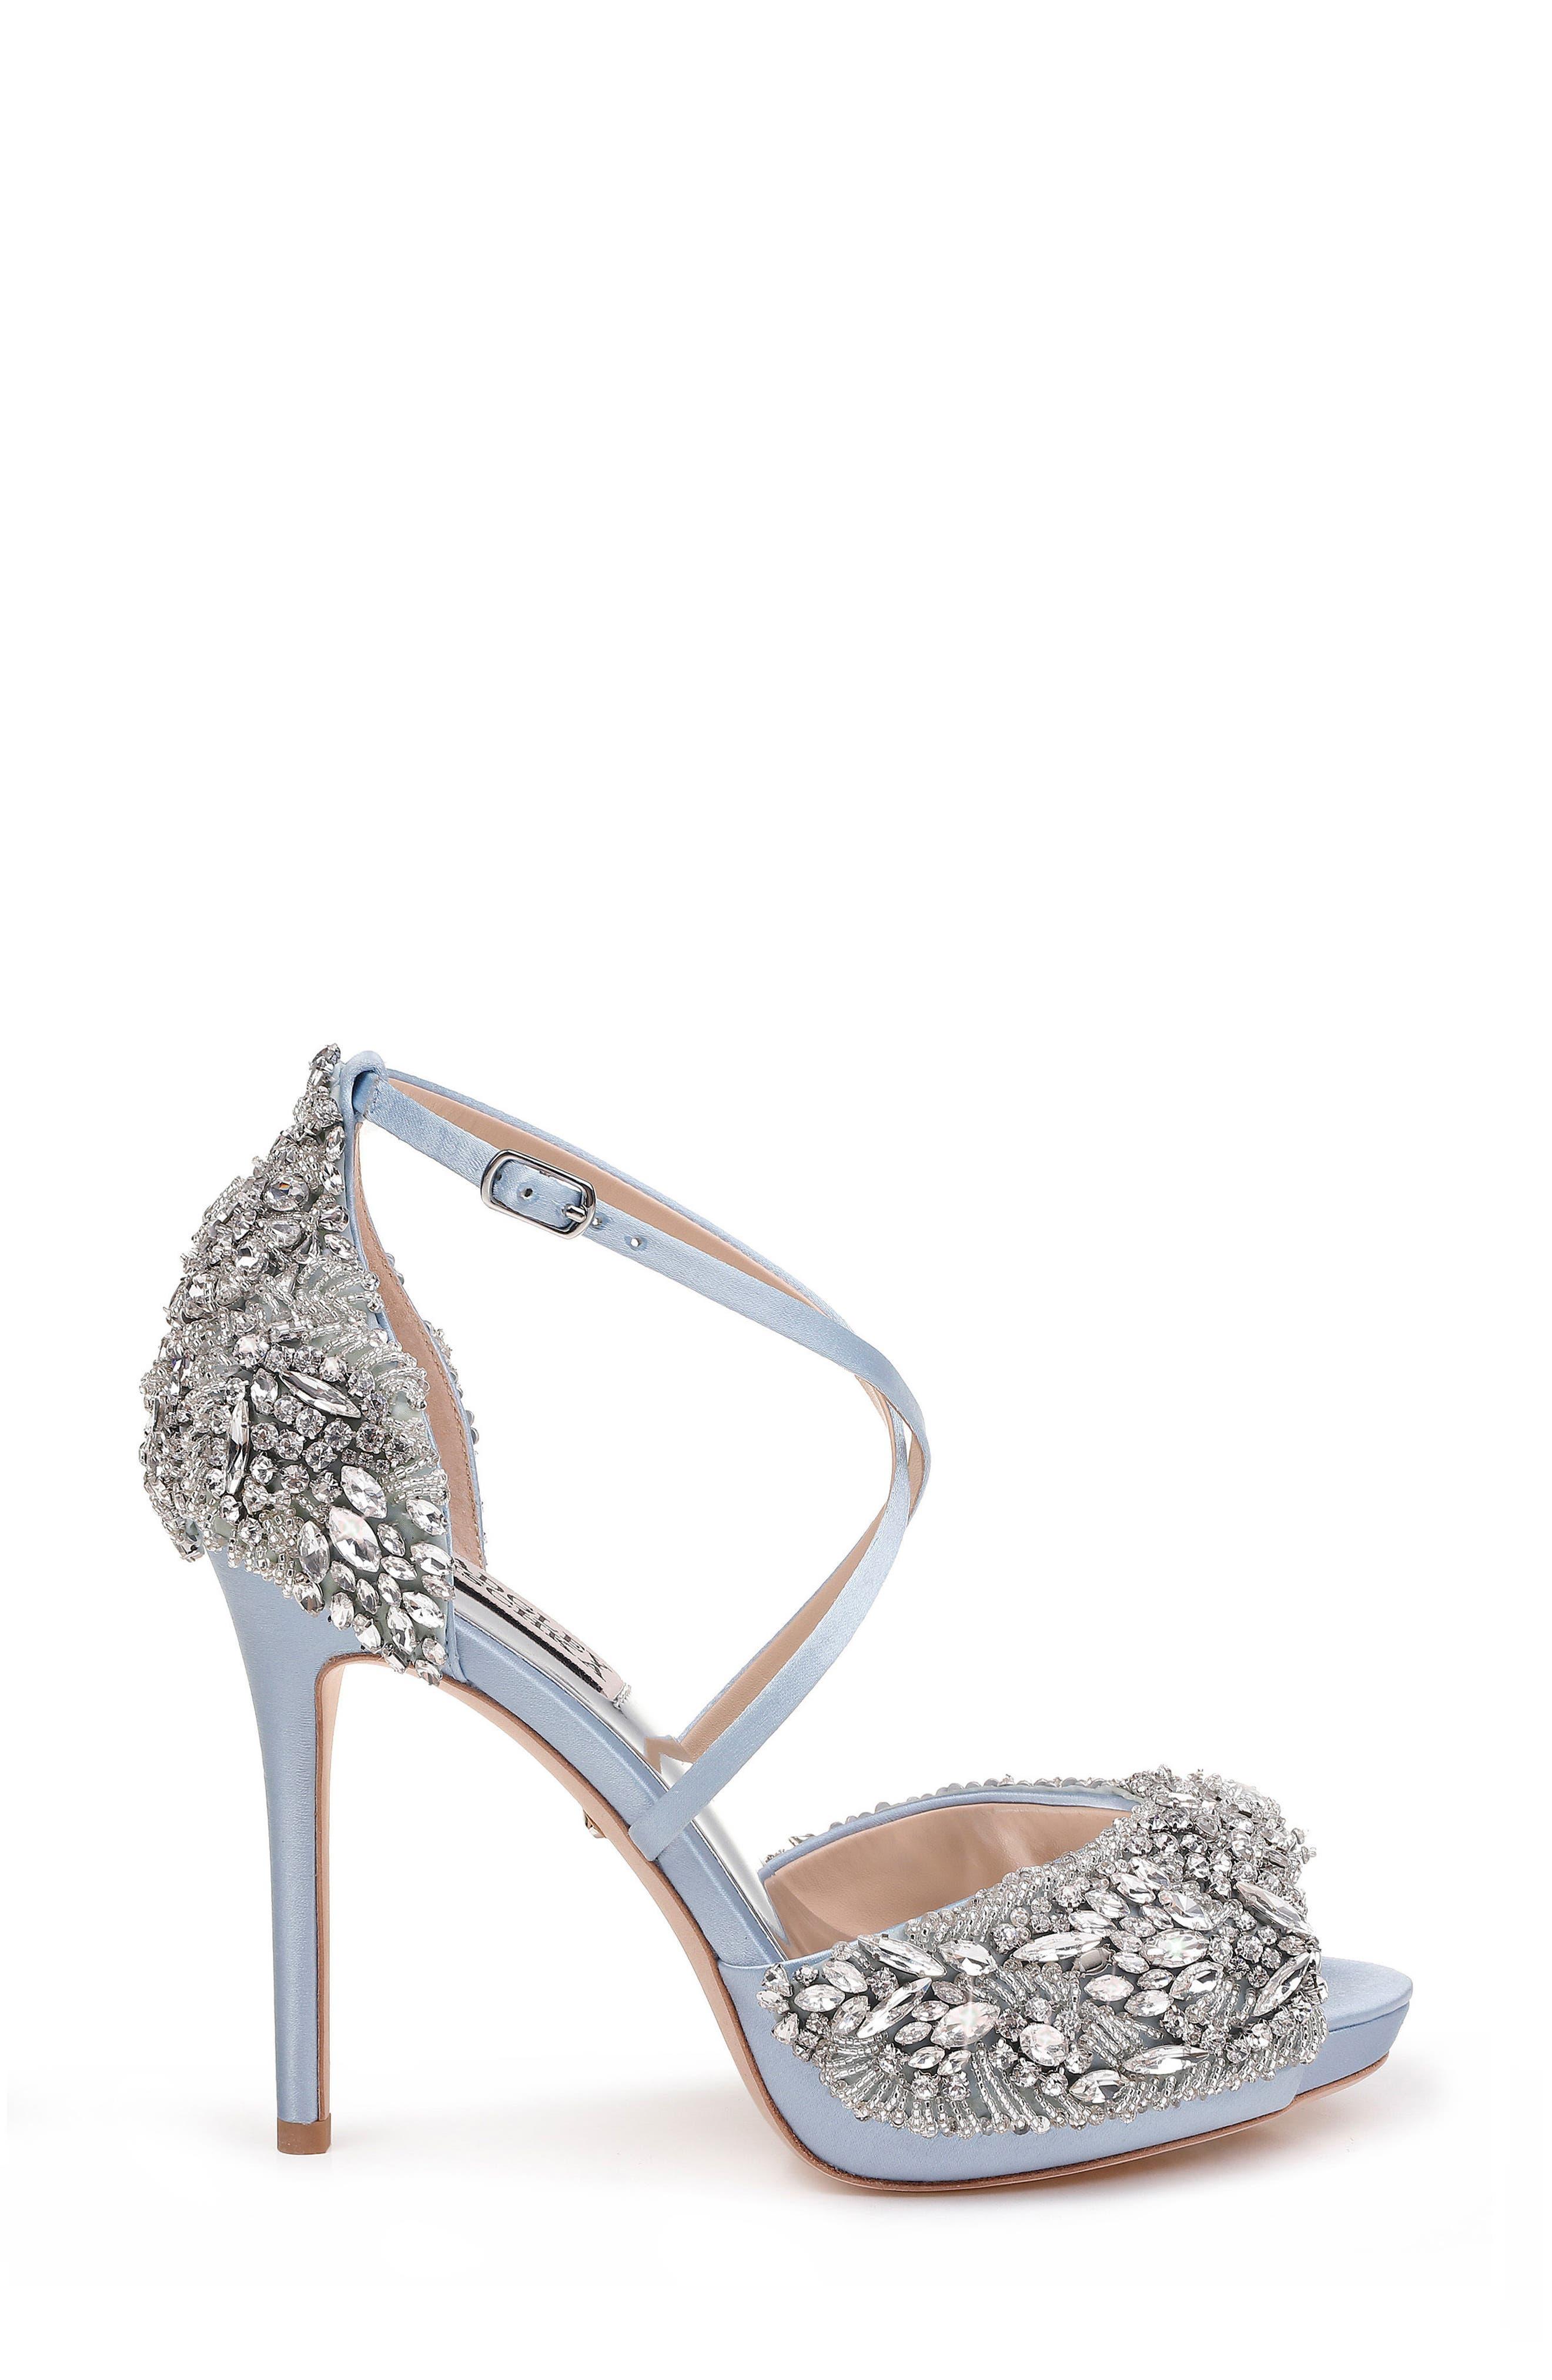 Hyper Crystal Embellished Sandal,                             Alternate thumbnail 3, color,                             Light Blue Satin